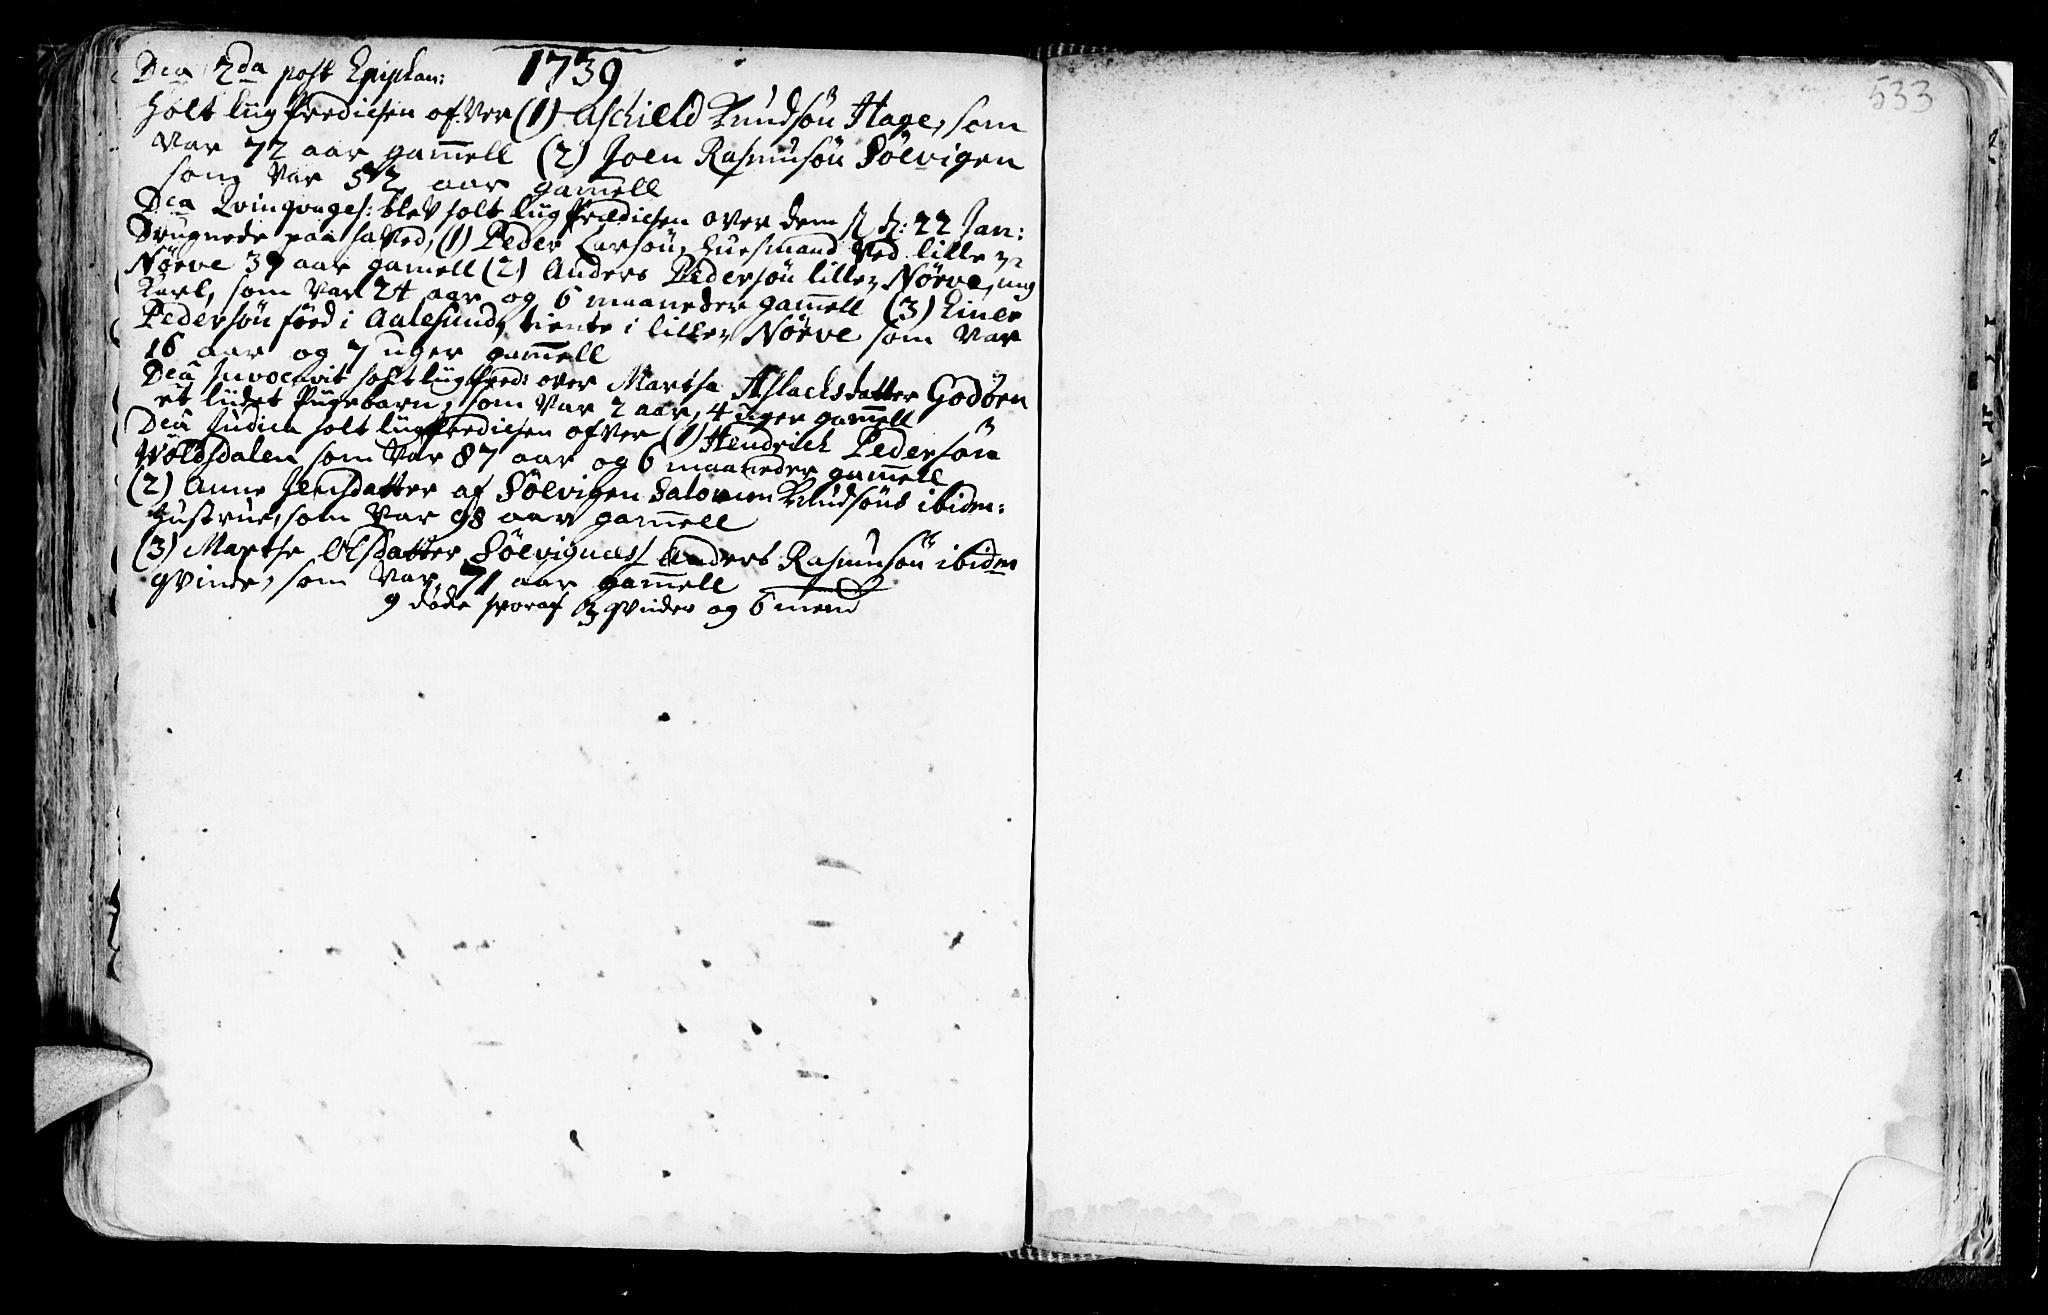 SAT, Ministerialprotokoller, klokkerbøker og fødselsregistre - Møre og Romsdal, 528/L0390: Ministerialbok nr. 528A01, 1698-1739, s. 532-533